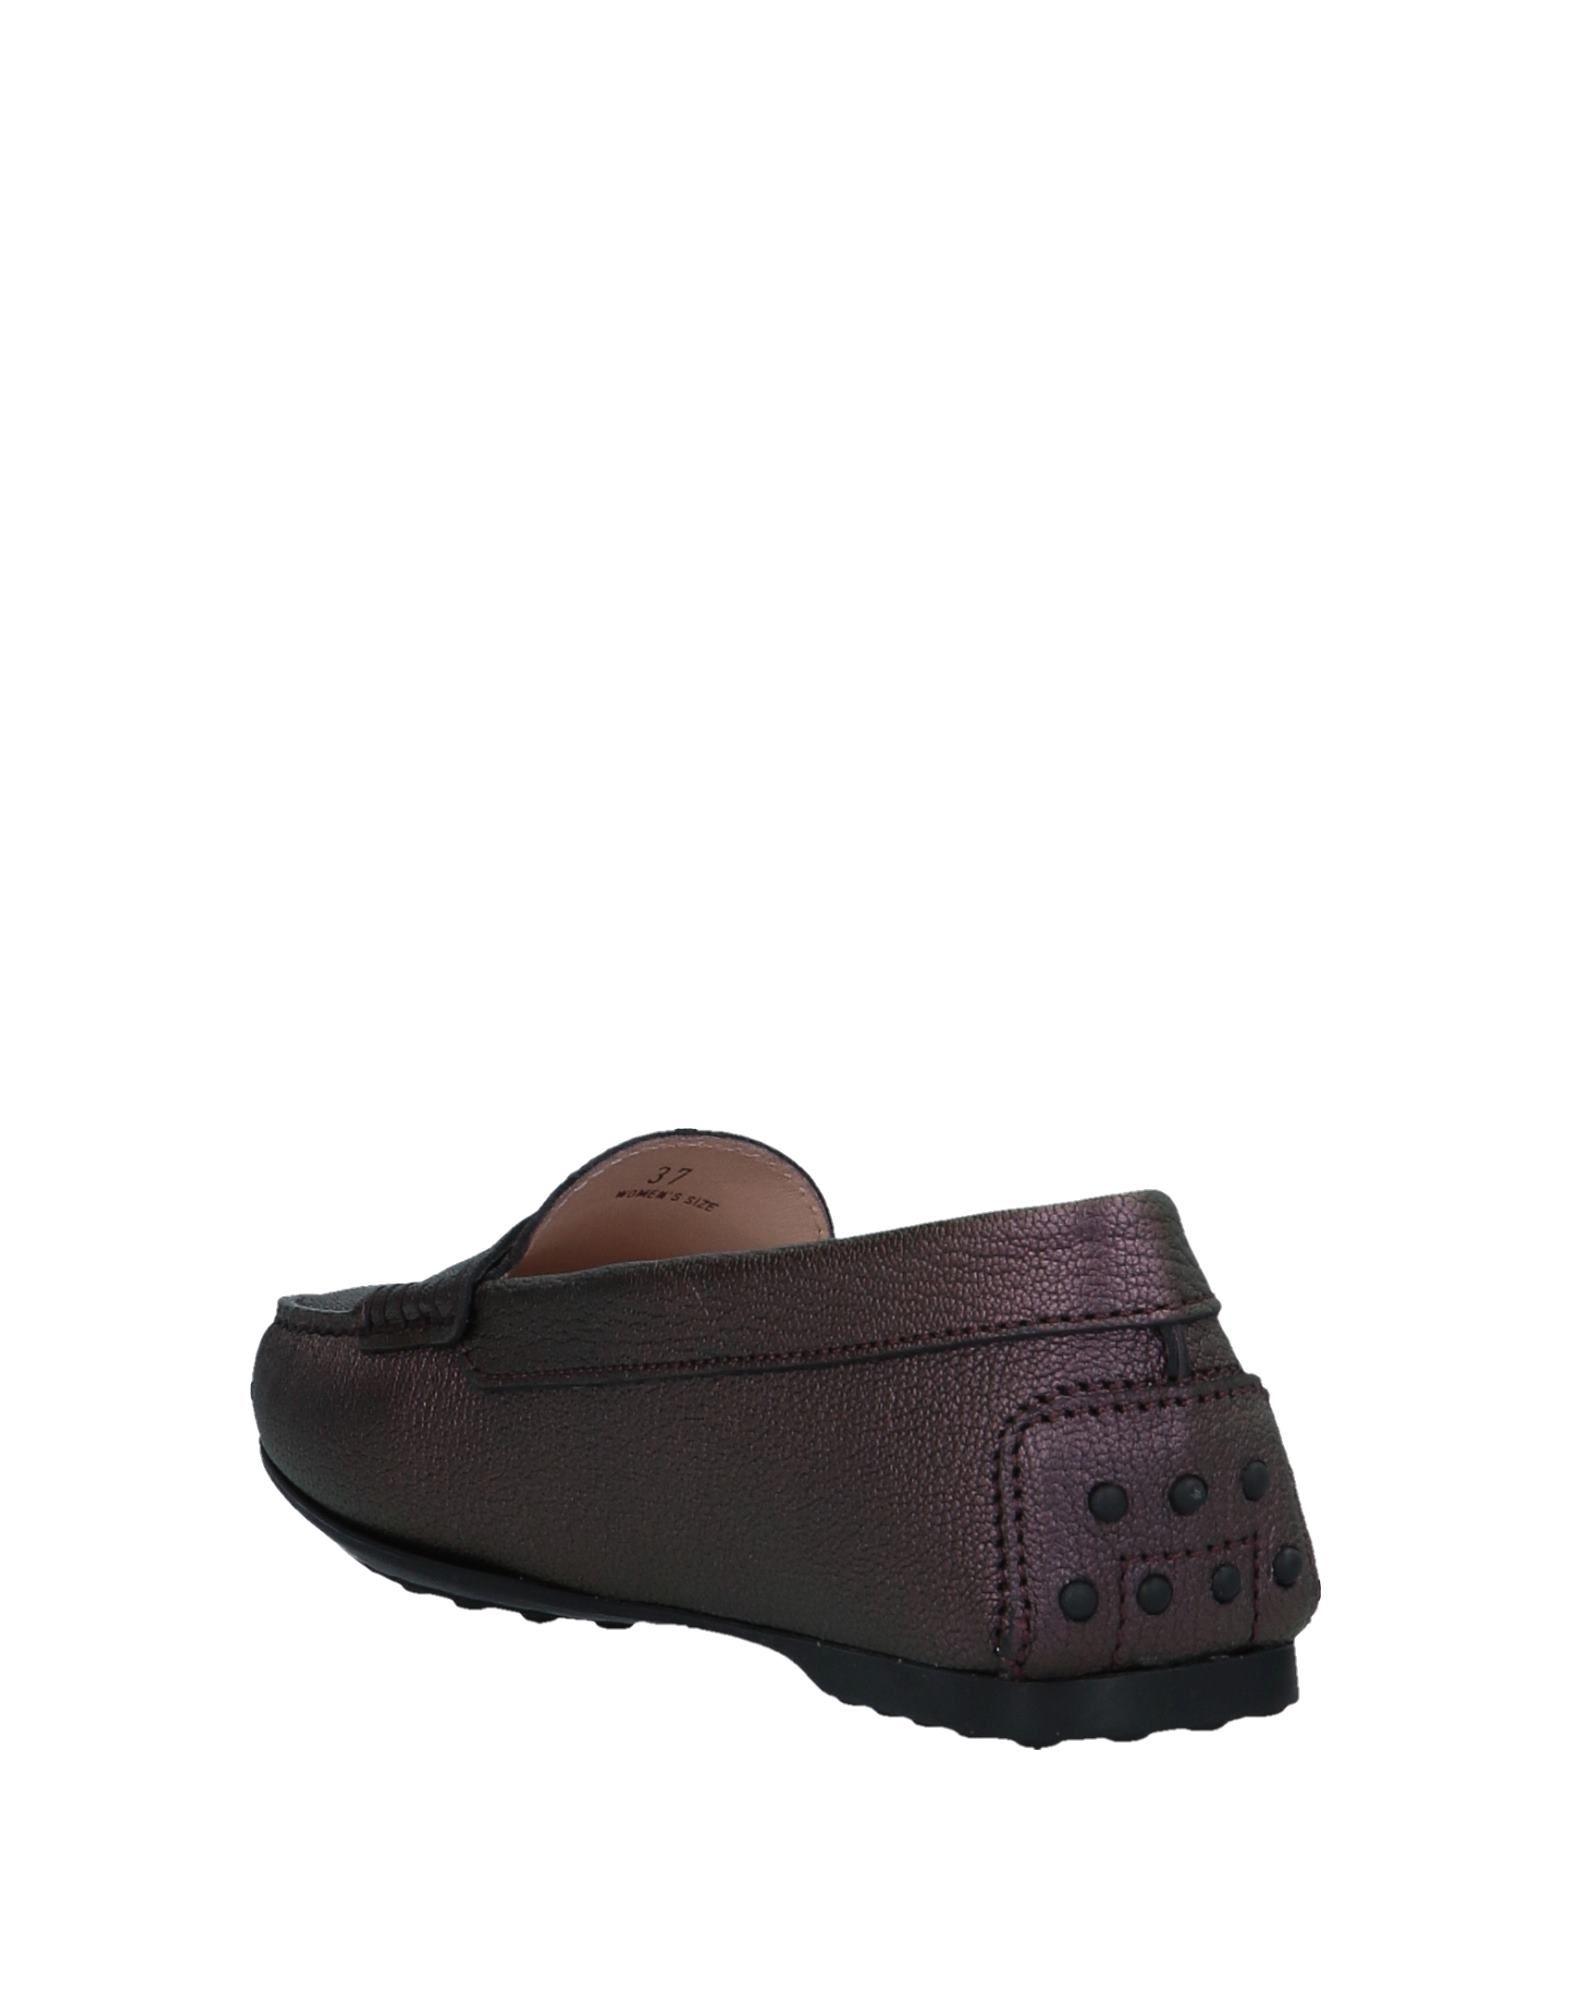 Tod's Mokassins Damen  11542561UN Schuhe Heiße Schuhe 11542561UN 732fc2